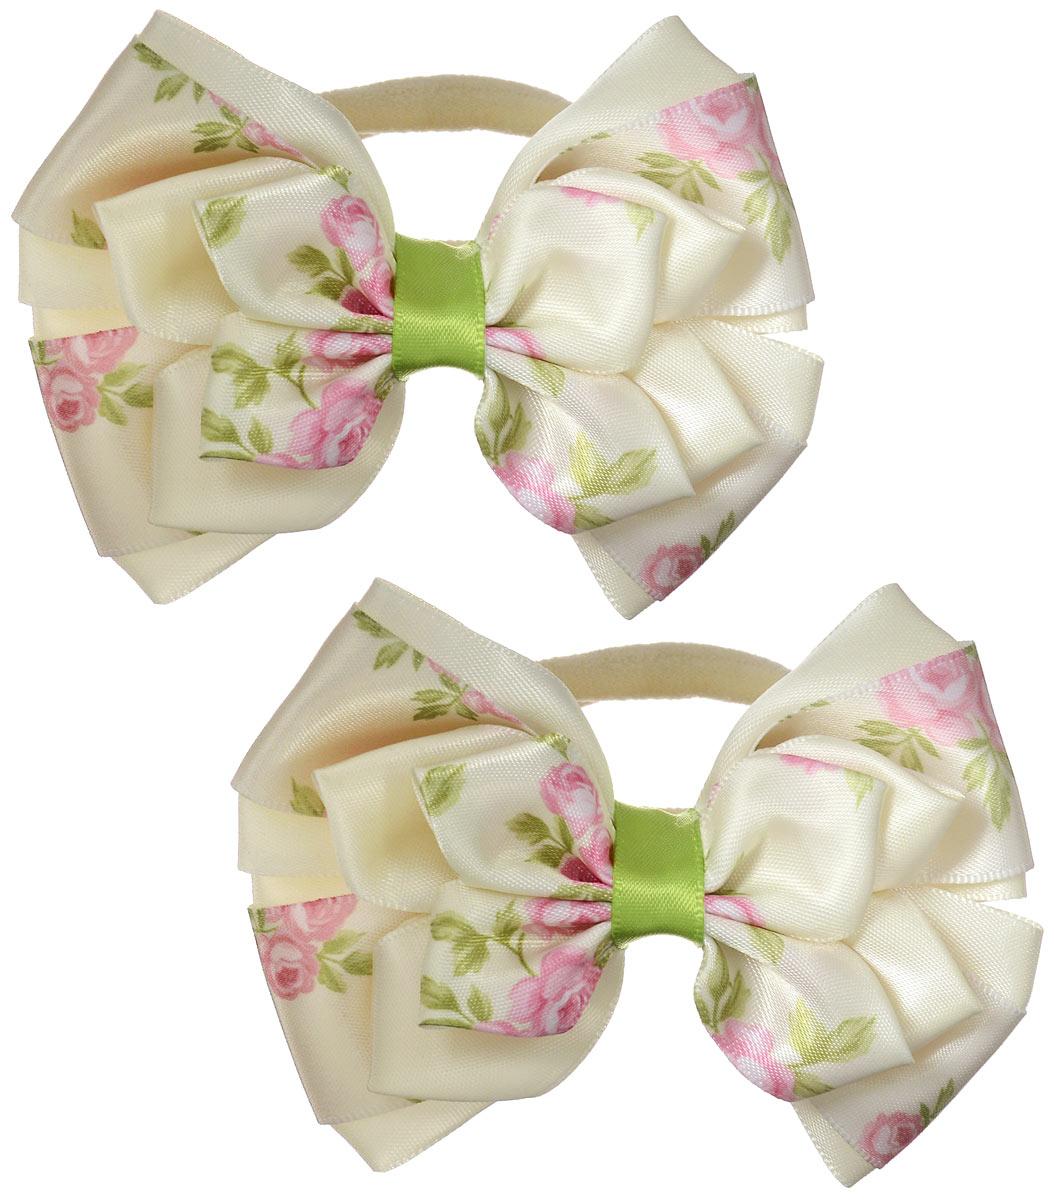 Резинка для волос Babys Joy, цвет: кремовый, 2 шт. MN 143/2MN 143/2_кремовыйРезинка для волос Babys Joy выполнена в форме банта-бабочки из текстиля и дополнена милым бантиком, который оформлен цветочным принтом. Резинка для волос Babys Joy надежно зафиксирует волосы и подчеркнет красоту прически вашей маленькой модницы.